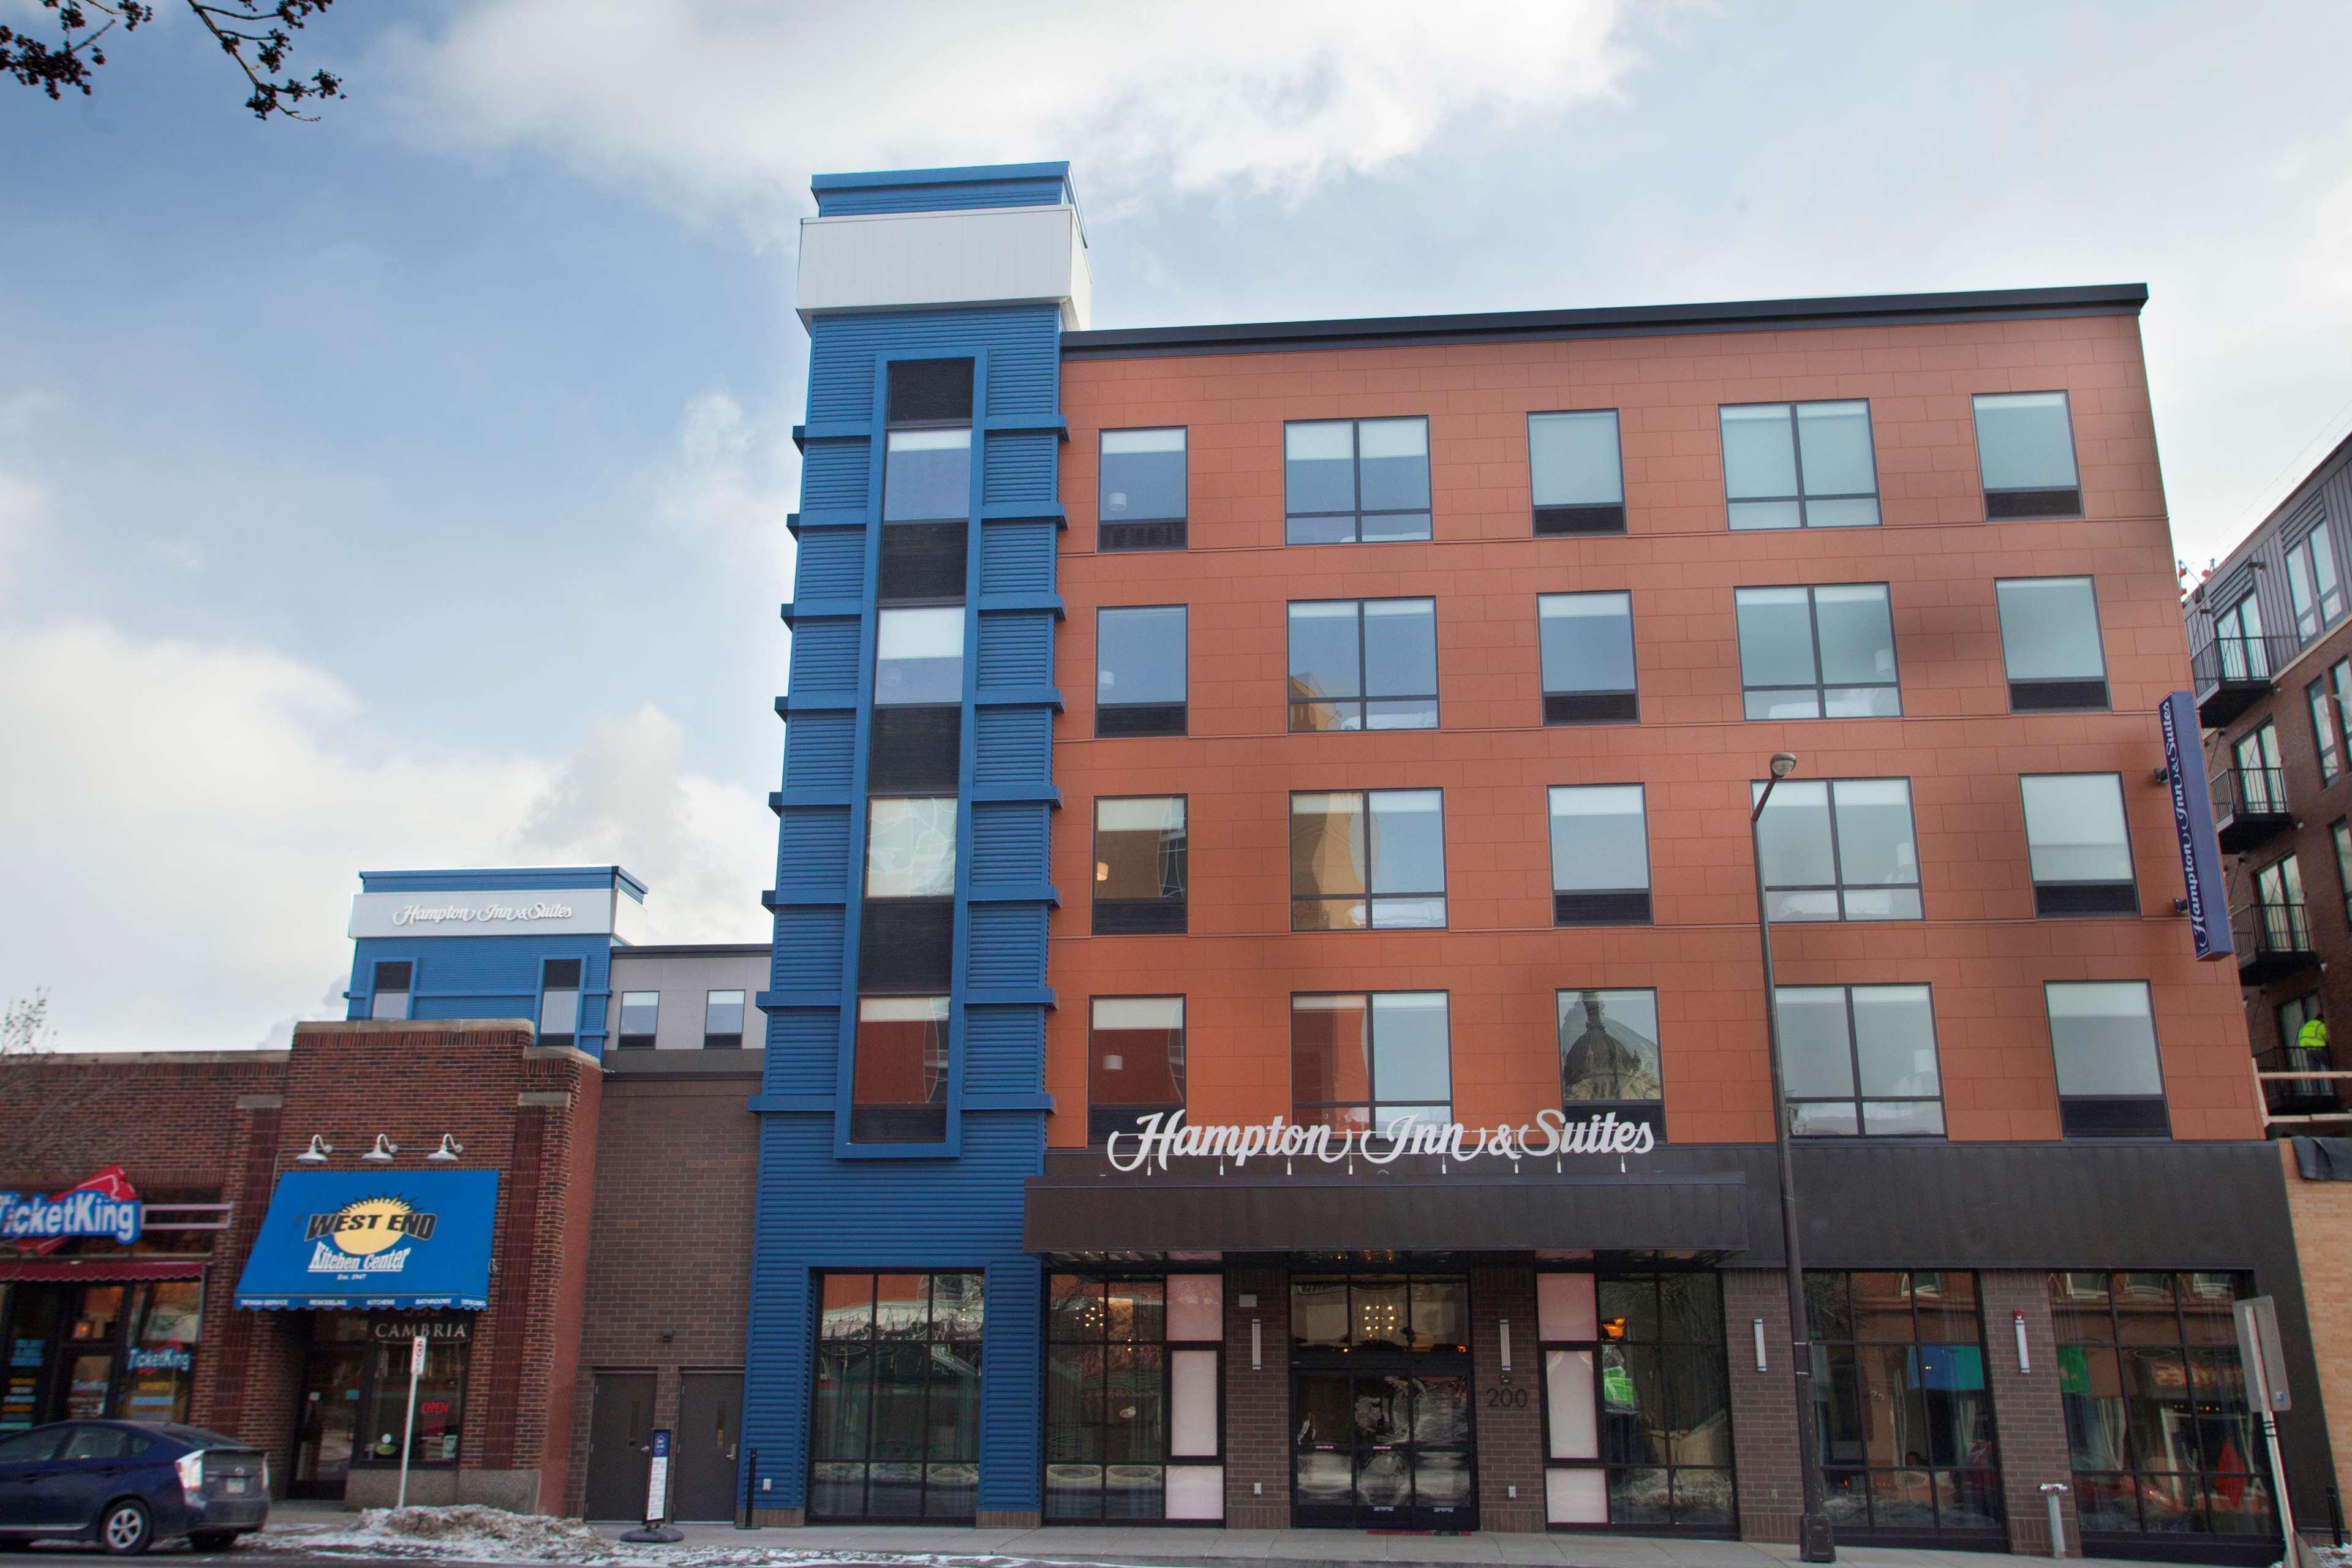 Hampton Inn & Suites Downtown St. Paul image 1